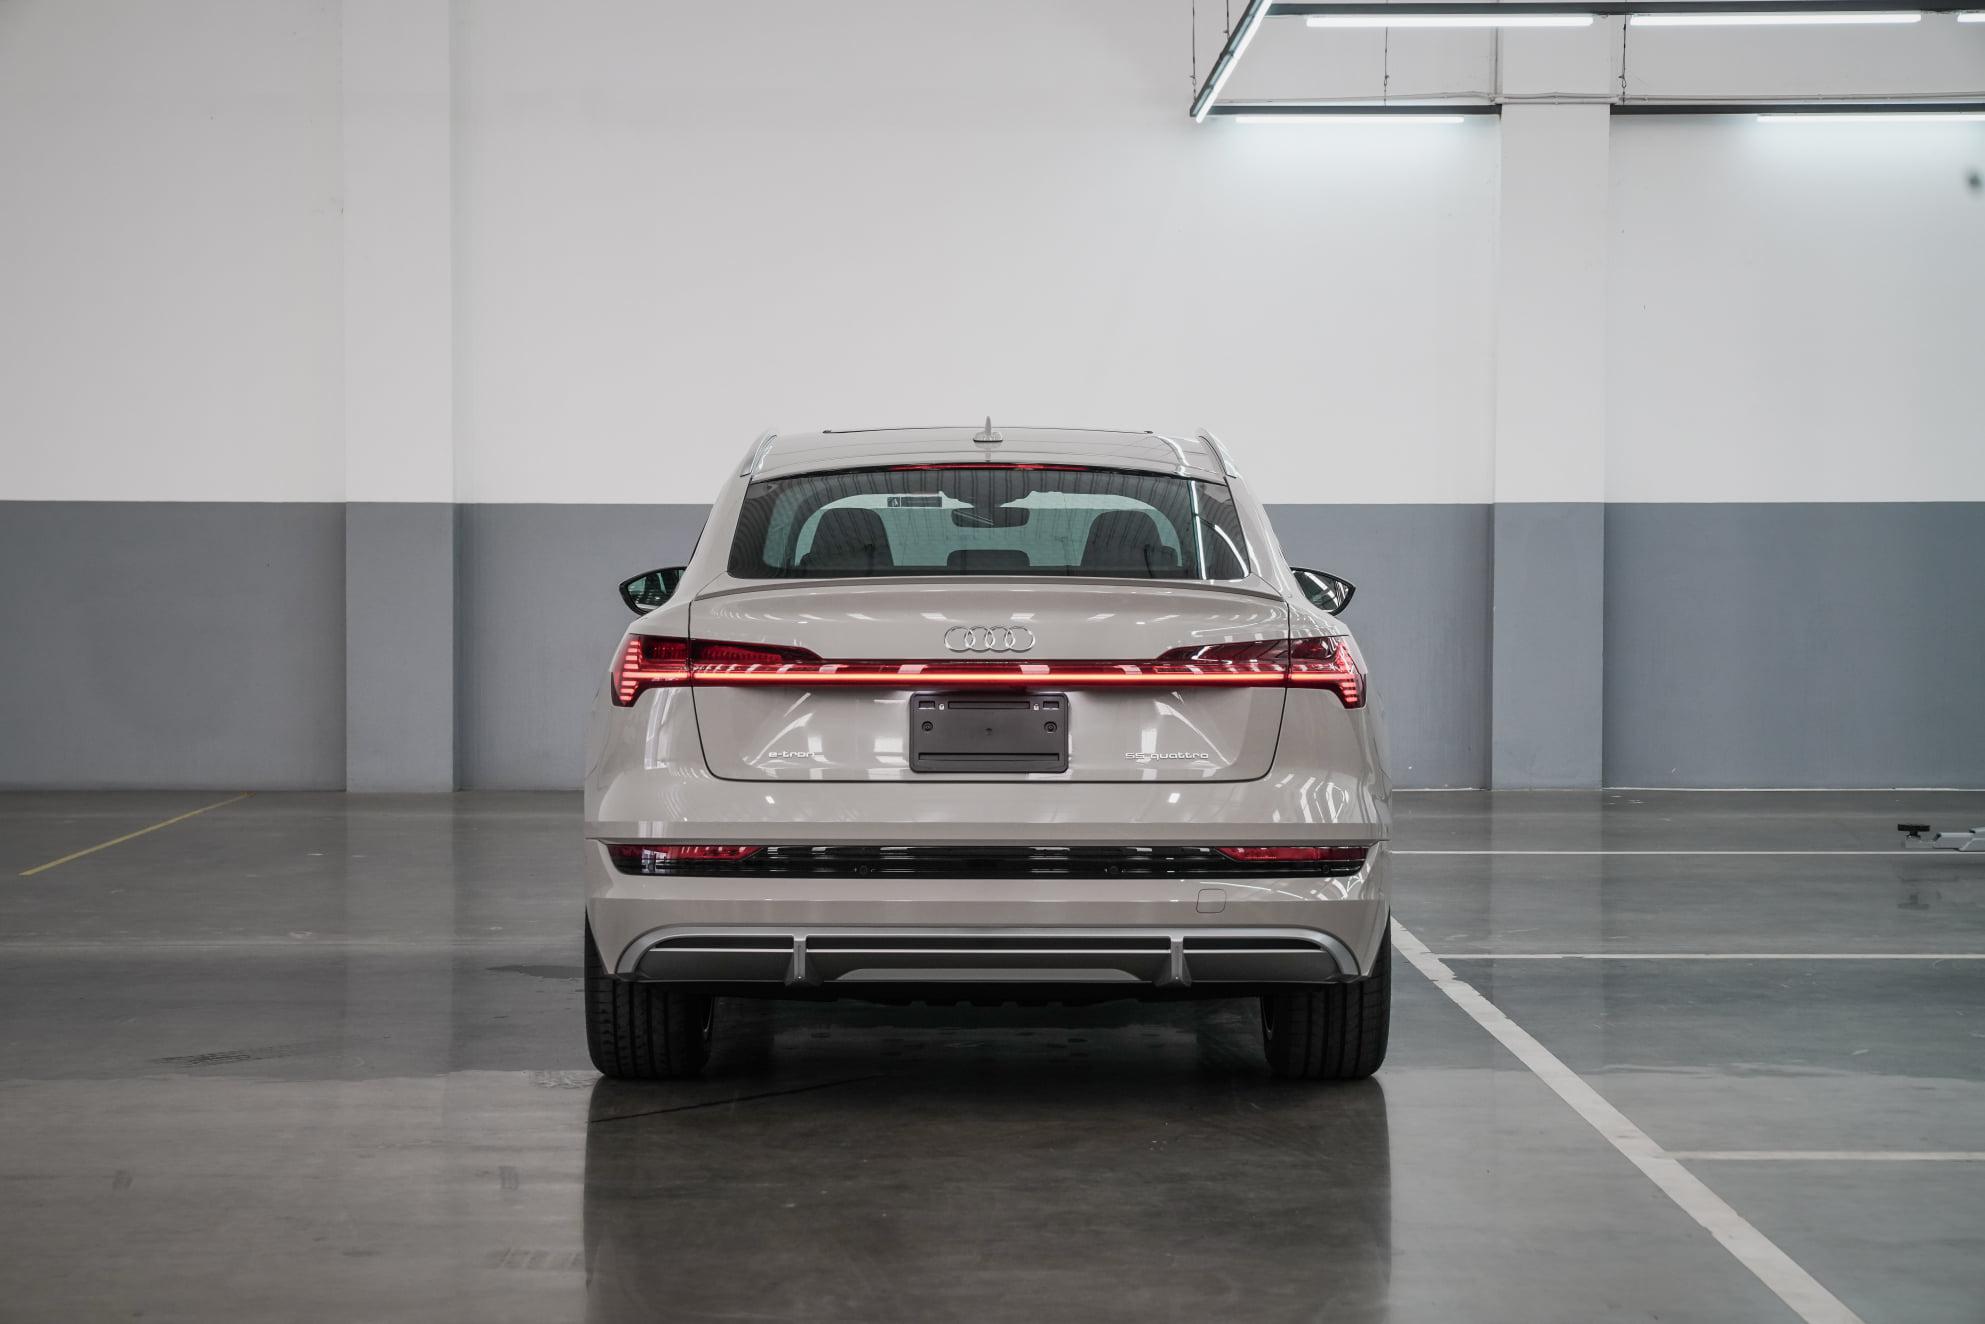 Audi e-Tron Sportback 55 Quattro S Line AudiThailand Autoinfo (17)